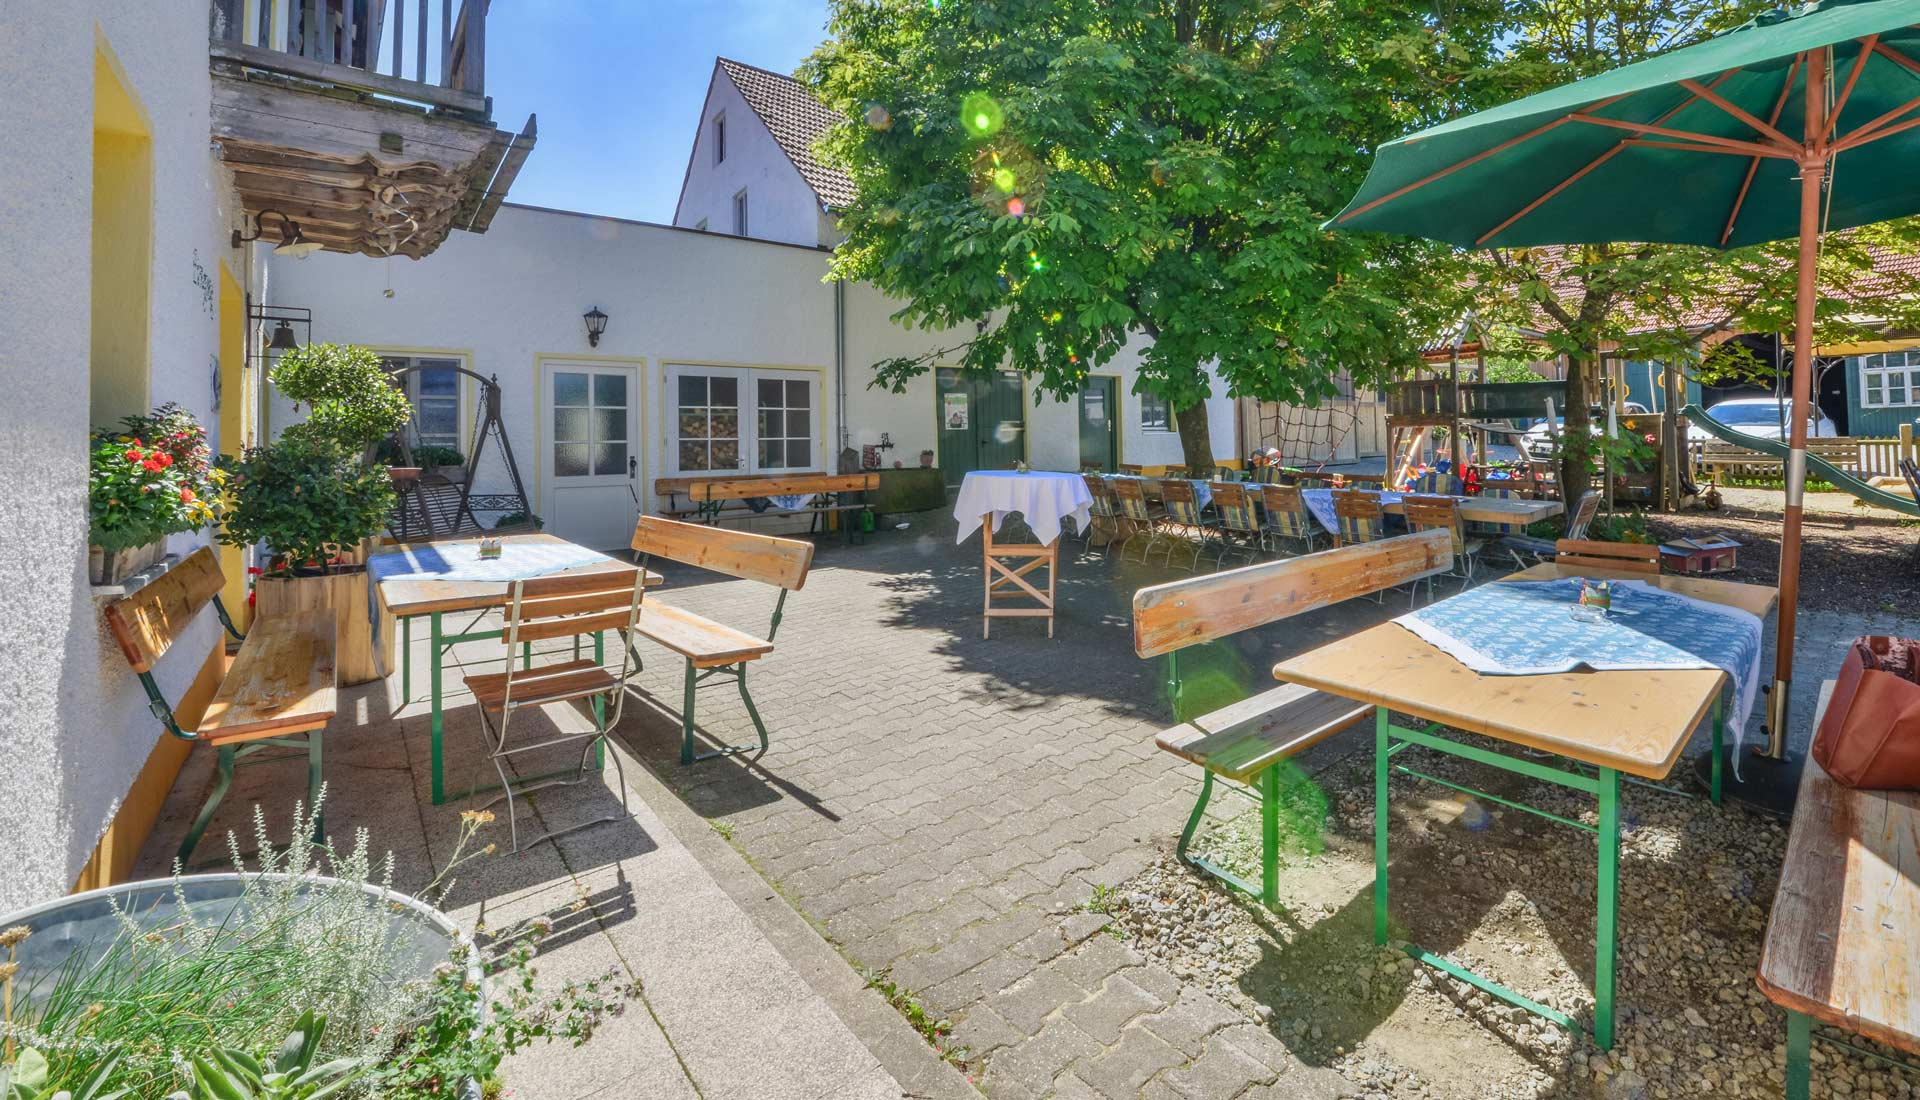 Biergarten vom Gasthof Pritscher